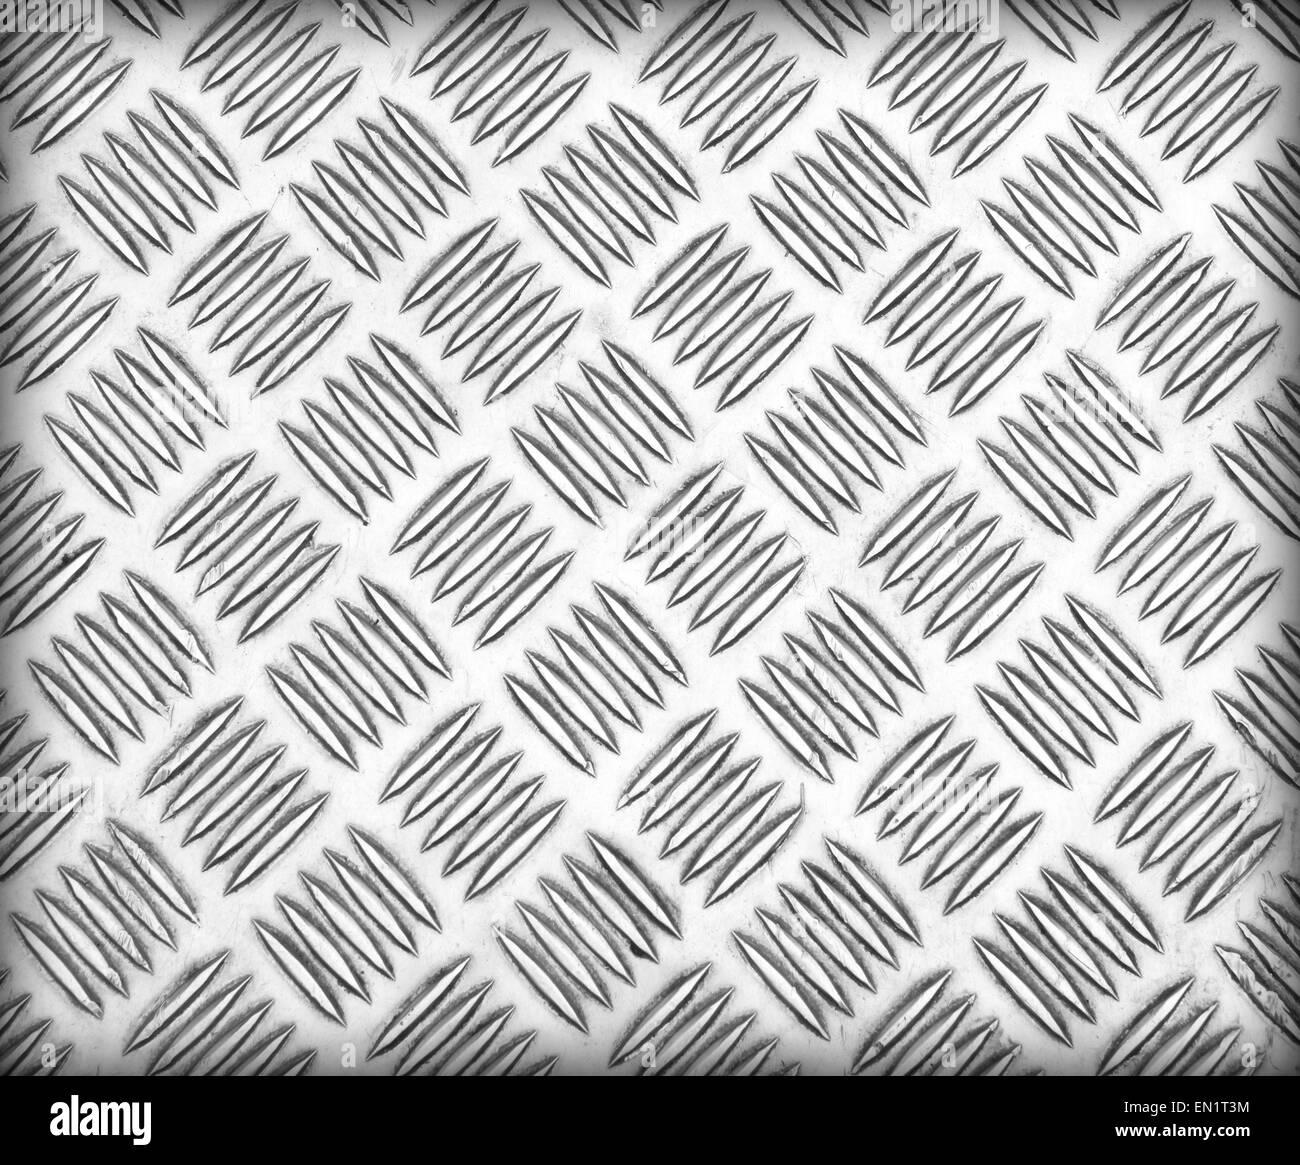 Edelstahl Platte Rutschen Oberflächenmuster Hintergrund. Stockbild